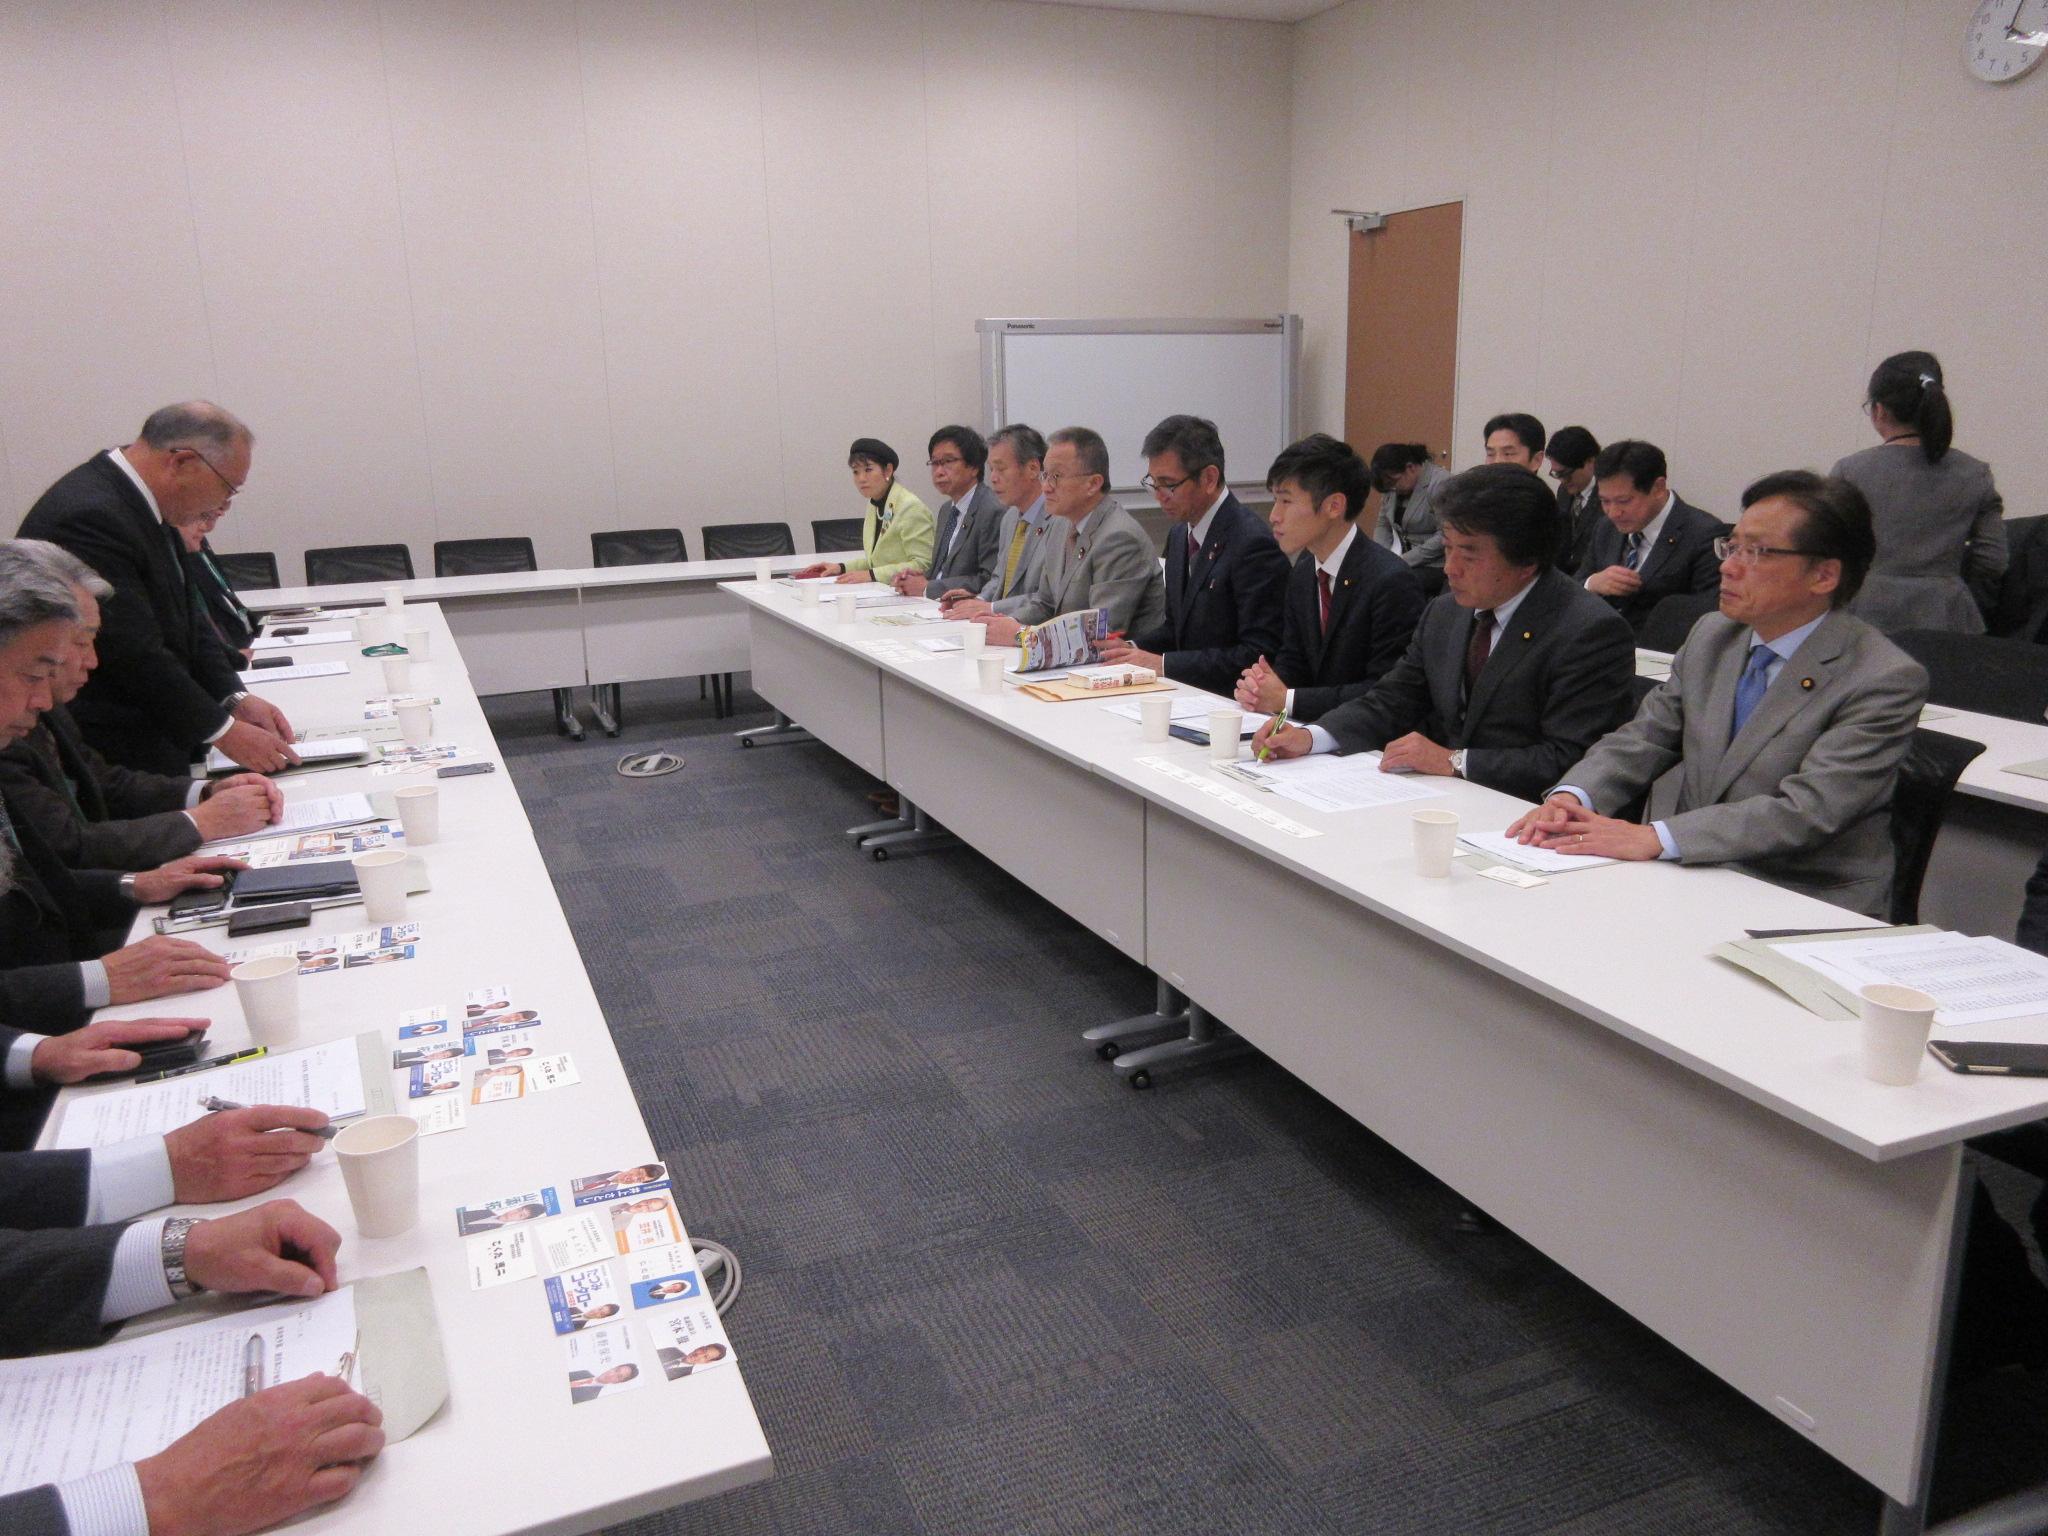 http://www.inoue-satoshi.com/diary/IMG_2778.JPG